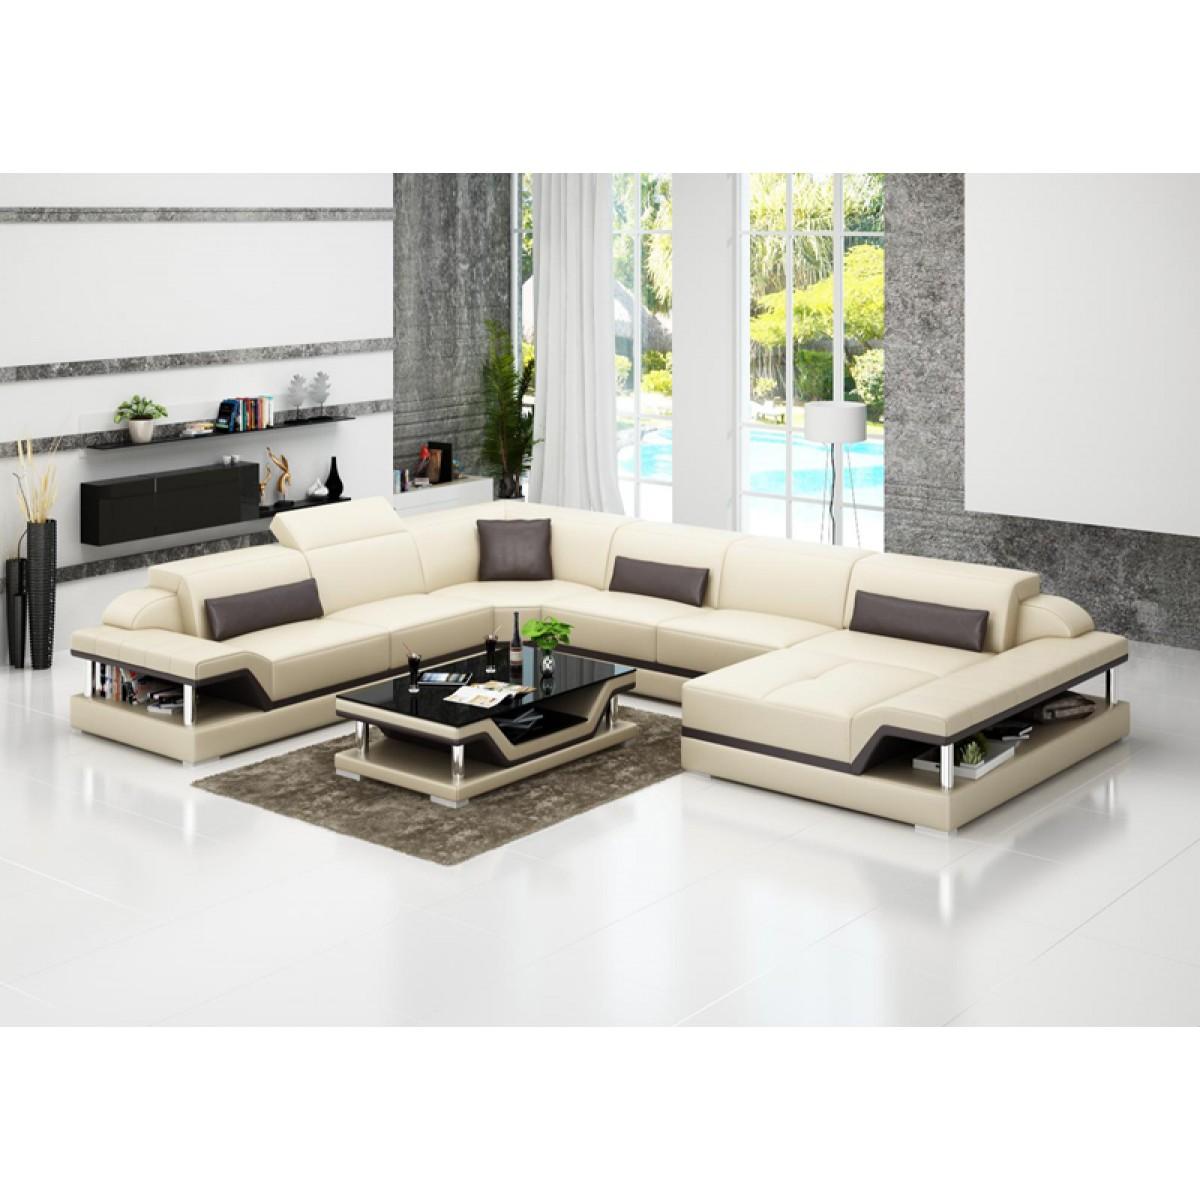 table basse design milano pop design fr